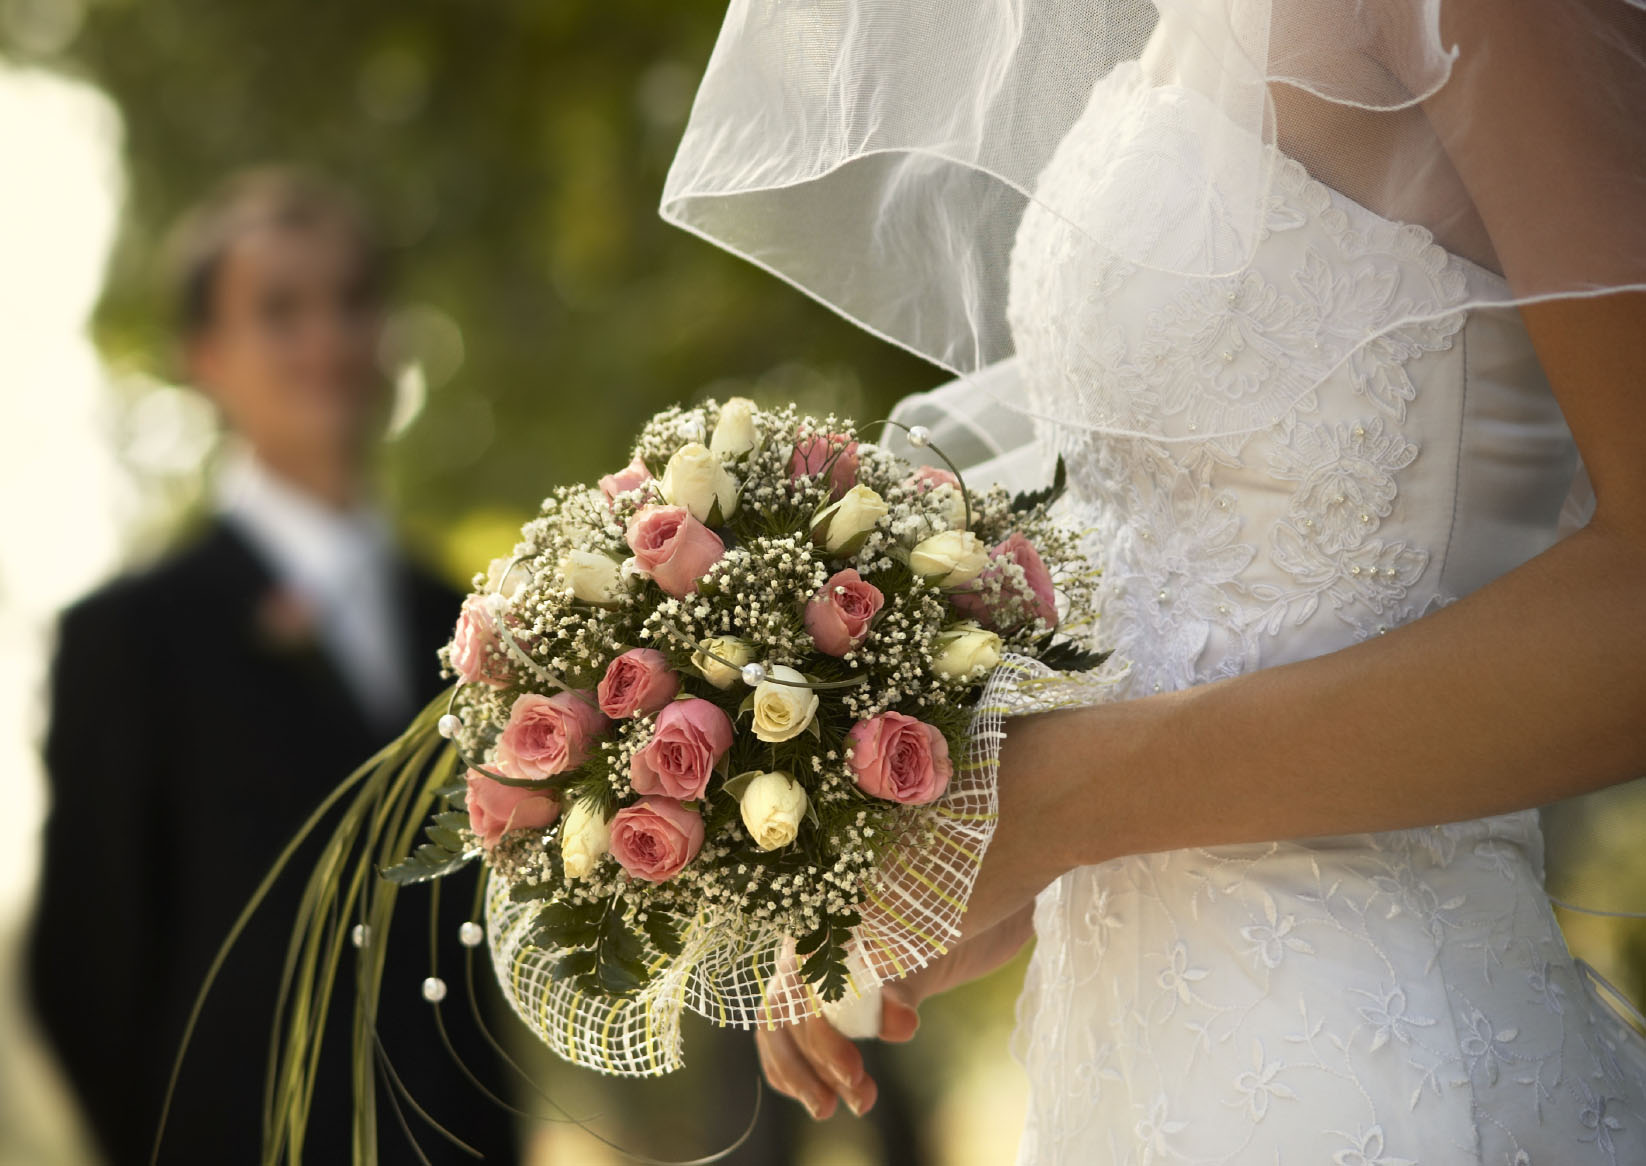 Свадьба в Чехии: бракосочетание, венчание в замках Чехии